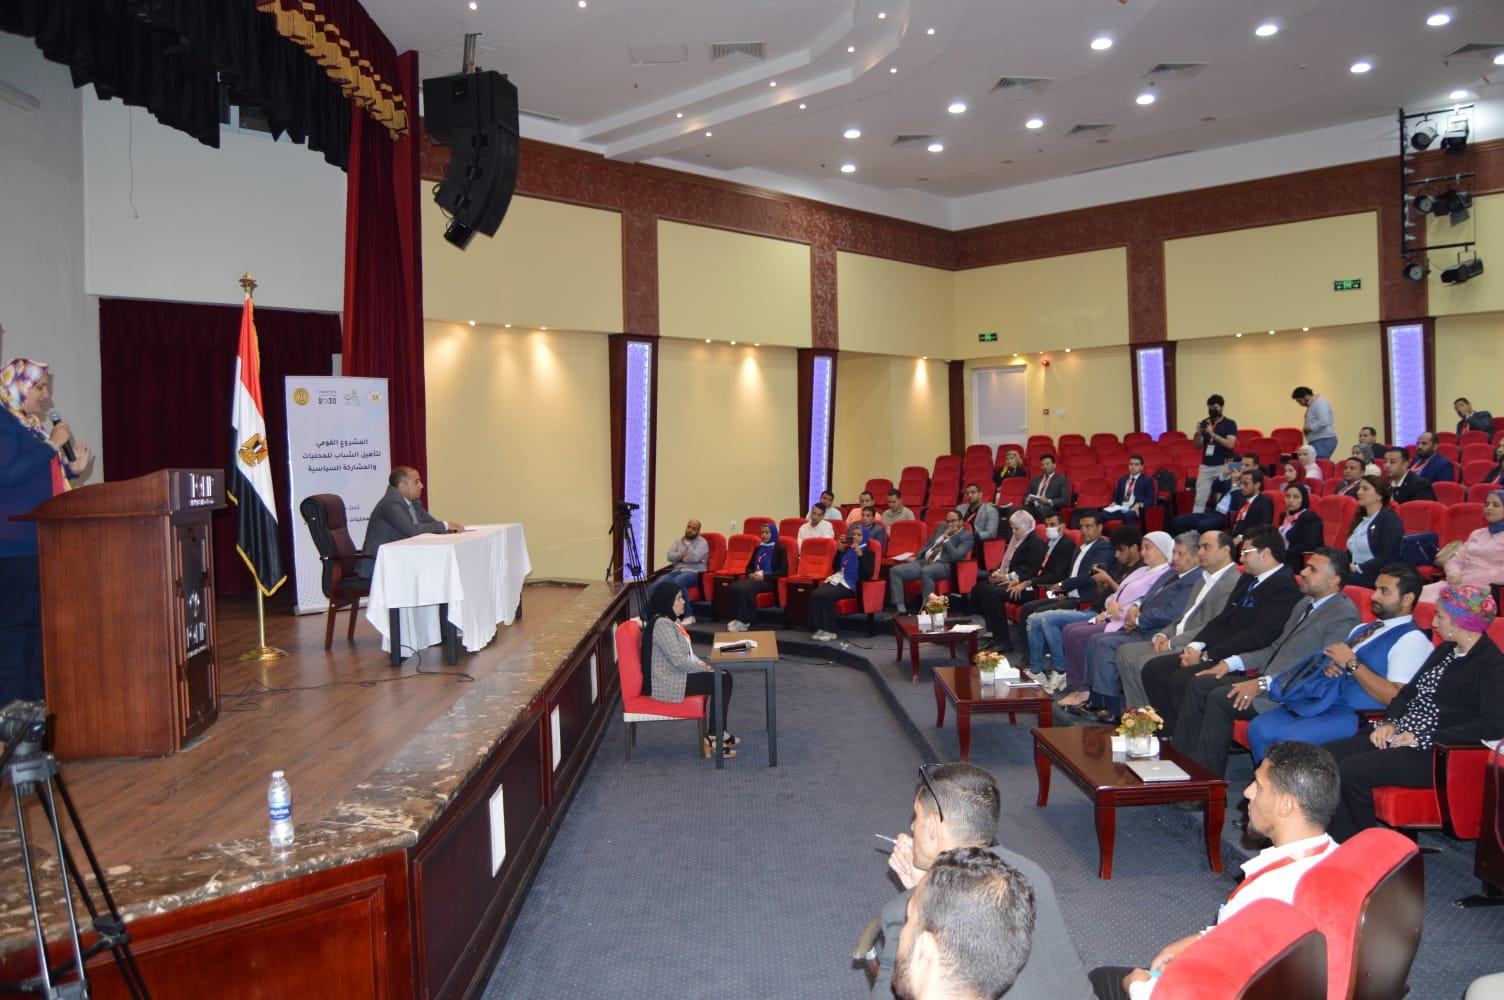 فعاليات النسخة الثالثة للمشروع القومي لتأهيل الشباب